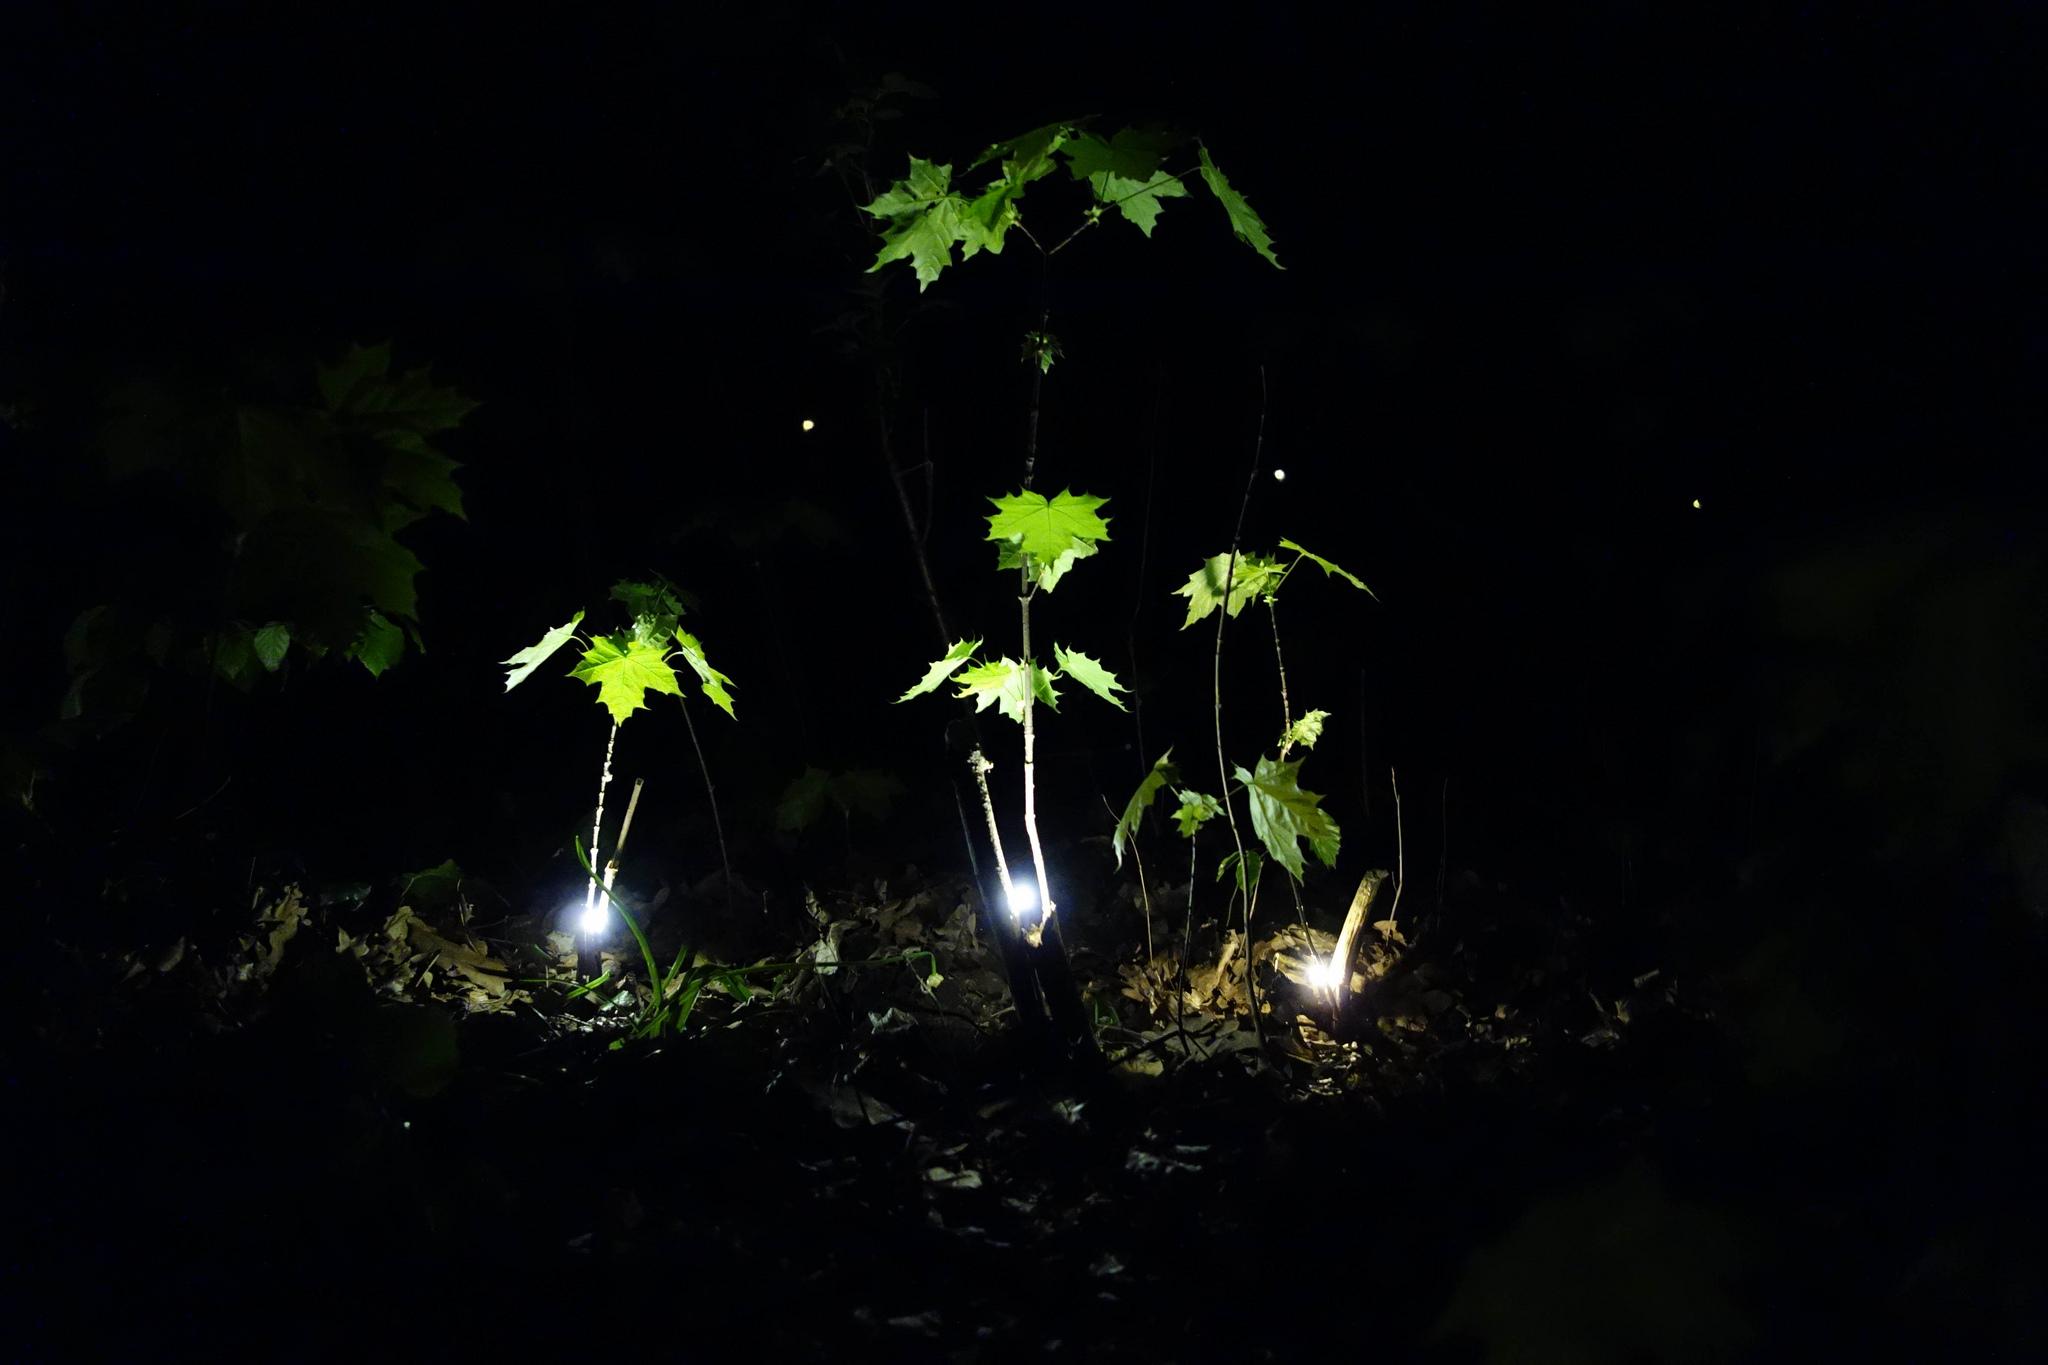 Lumière éclairant des pousses d'arbres.